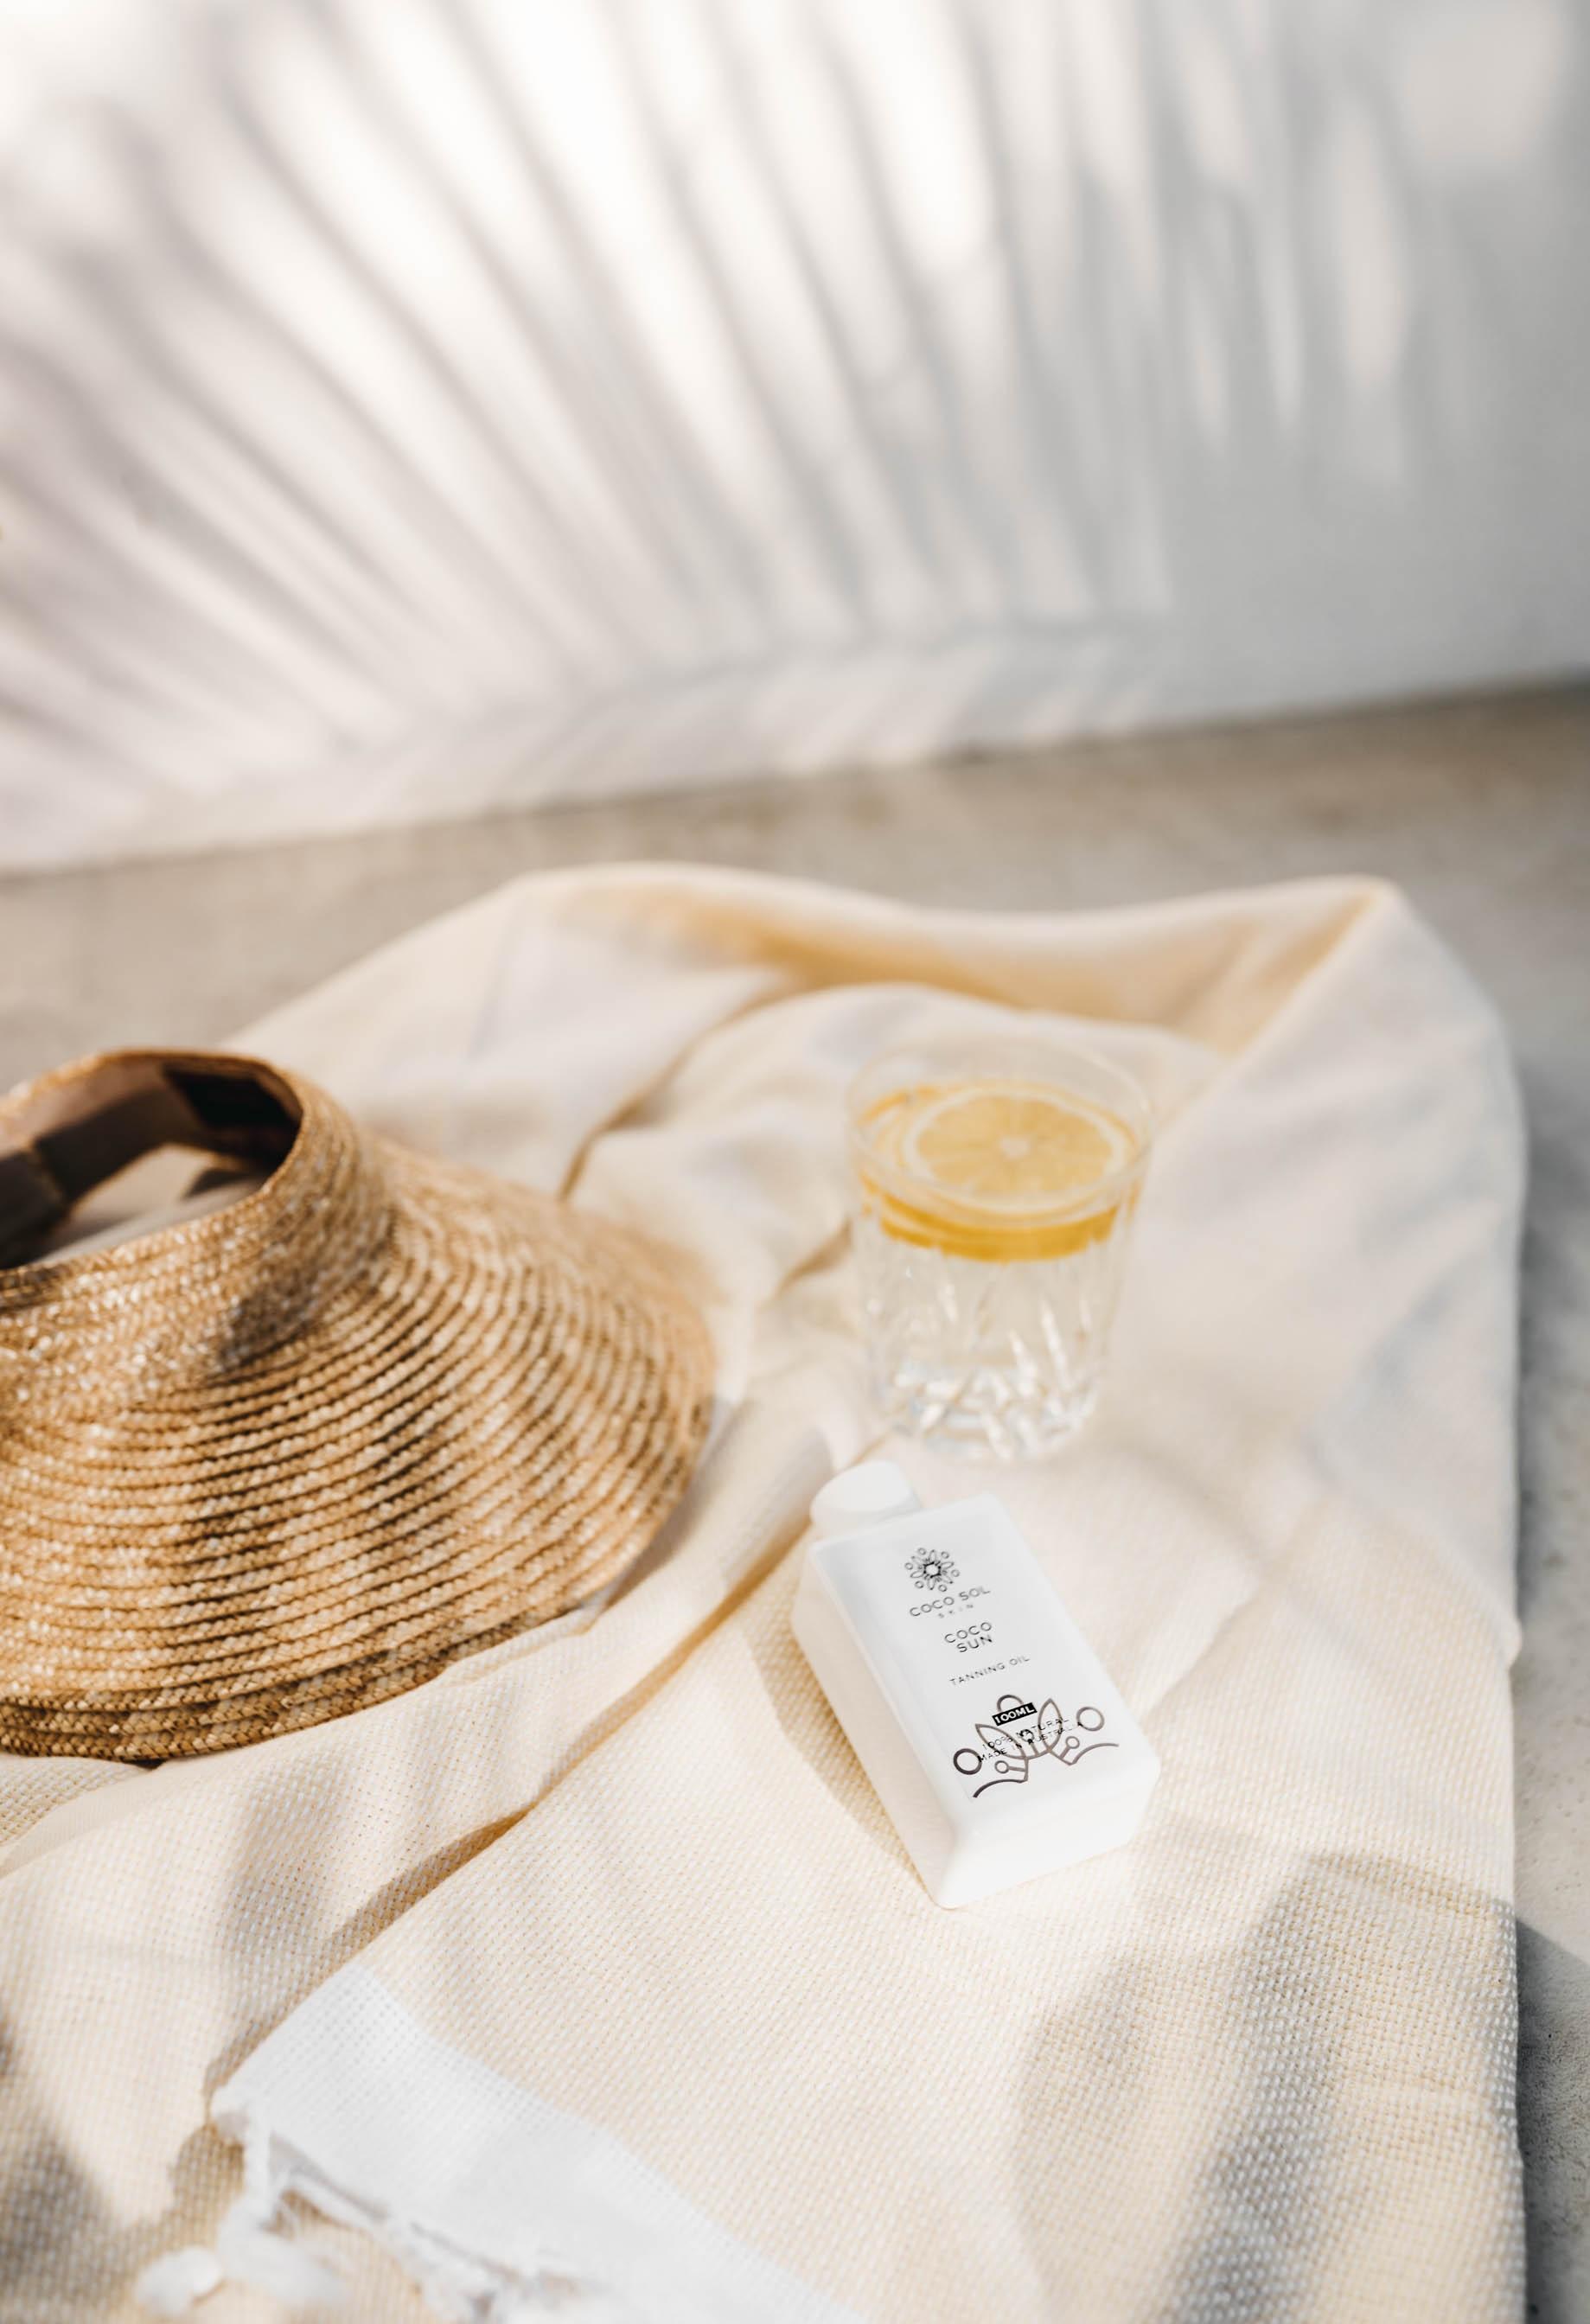 keira-mason-coco-sol-towel-and-sun-chair.jpg